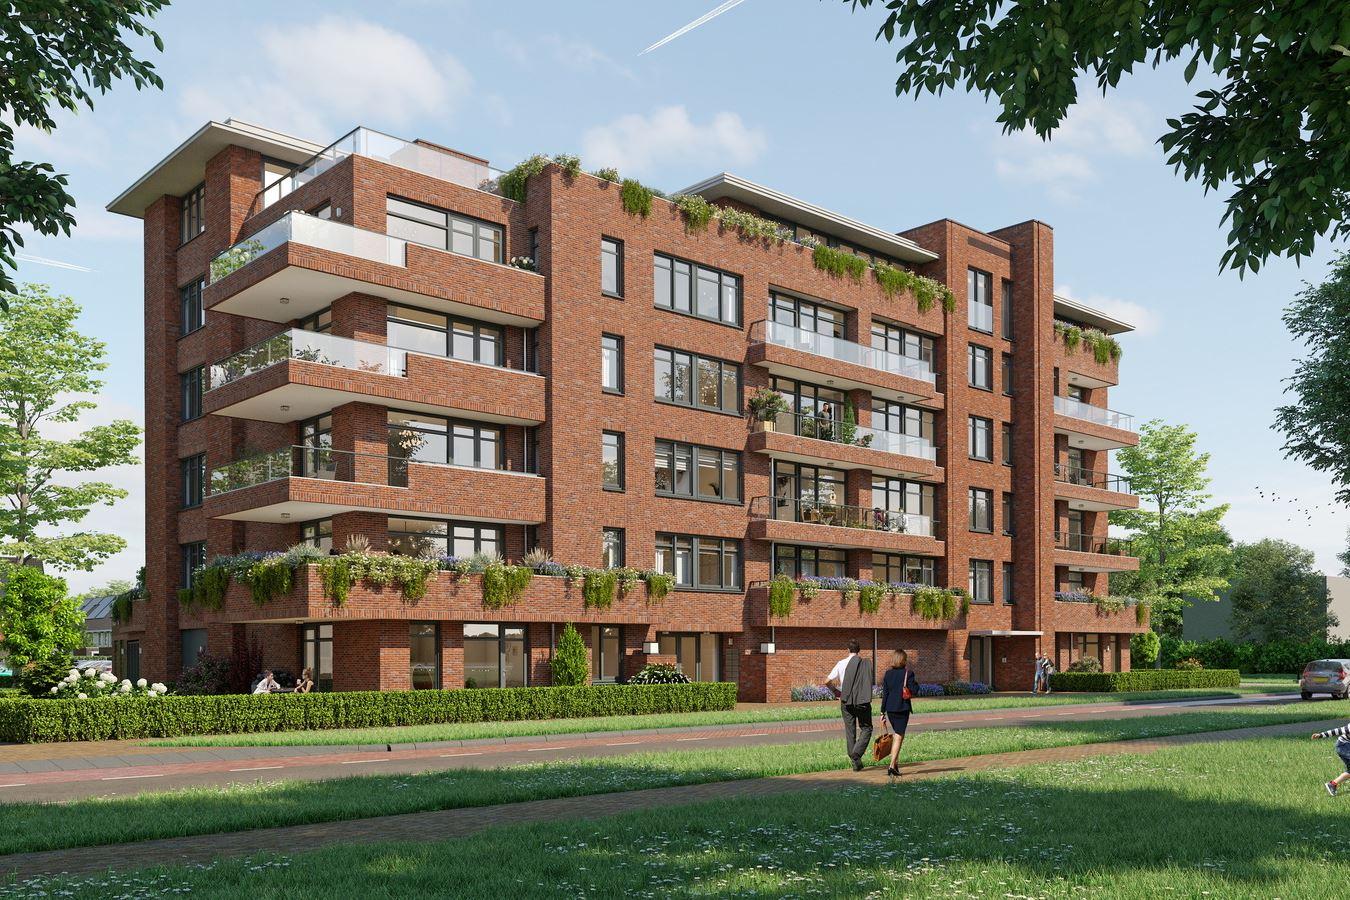 Bekijk foto 5 van Quatrebras Park Quartier II - appartementen (Bouwnr. 10)